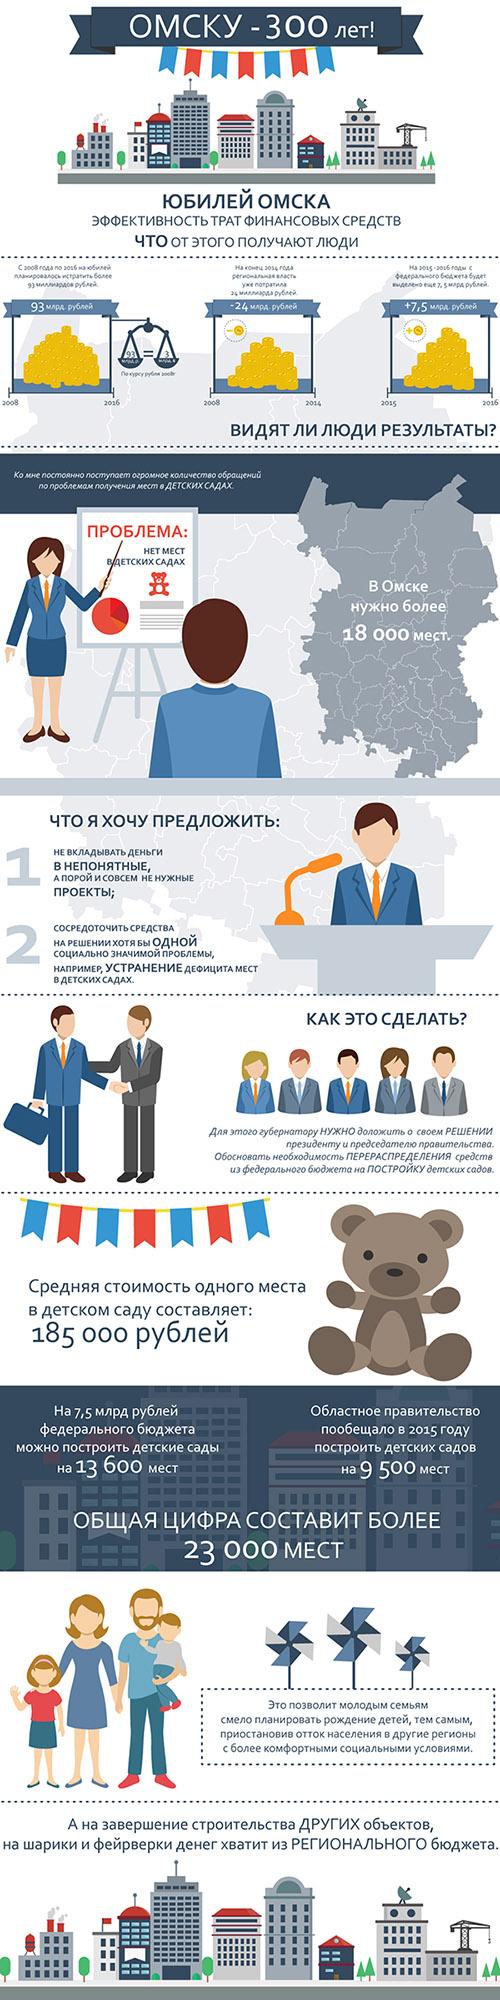 Инфографика для сайта депутата